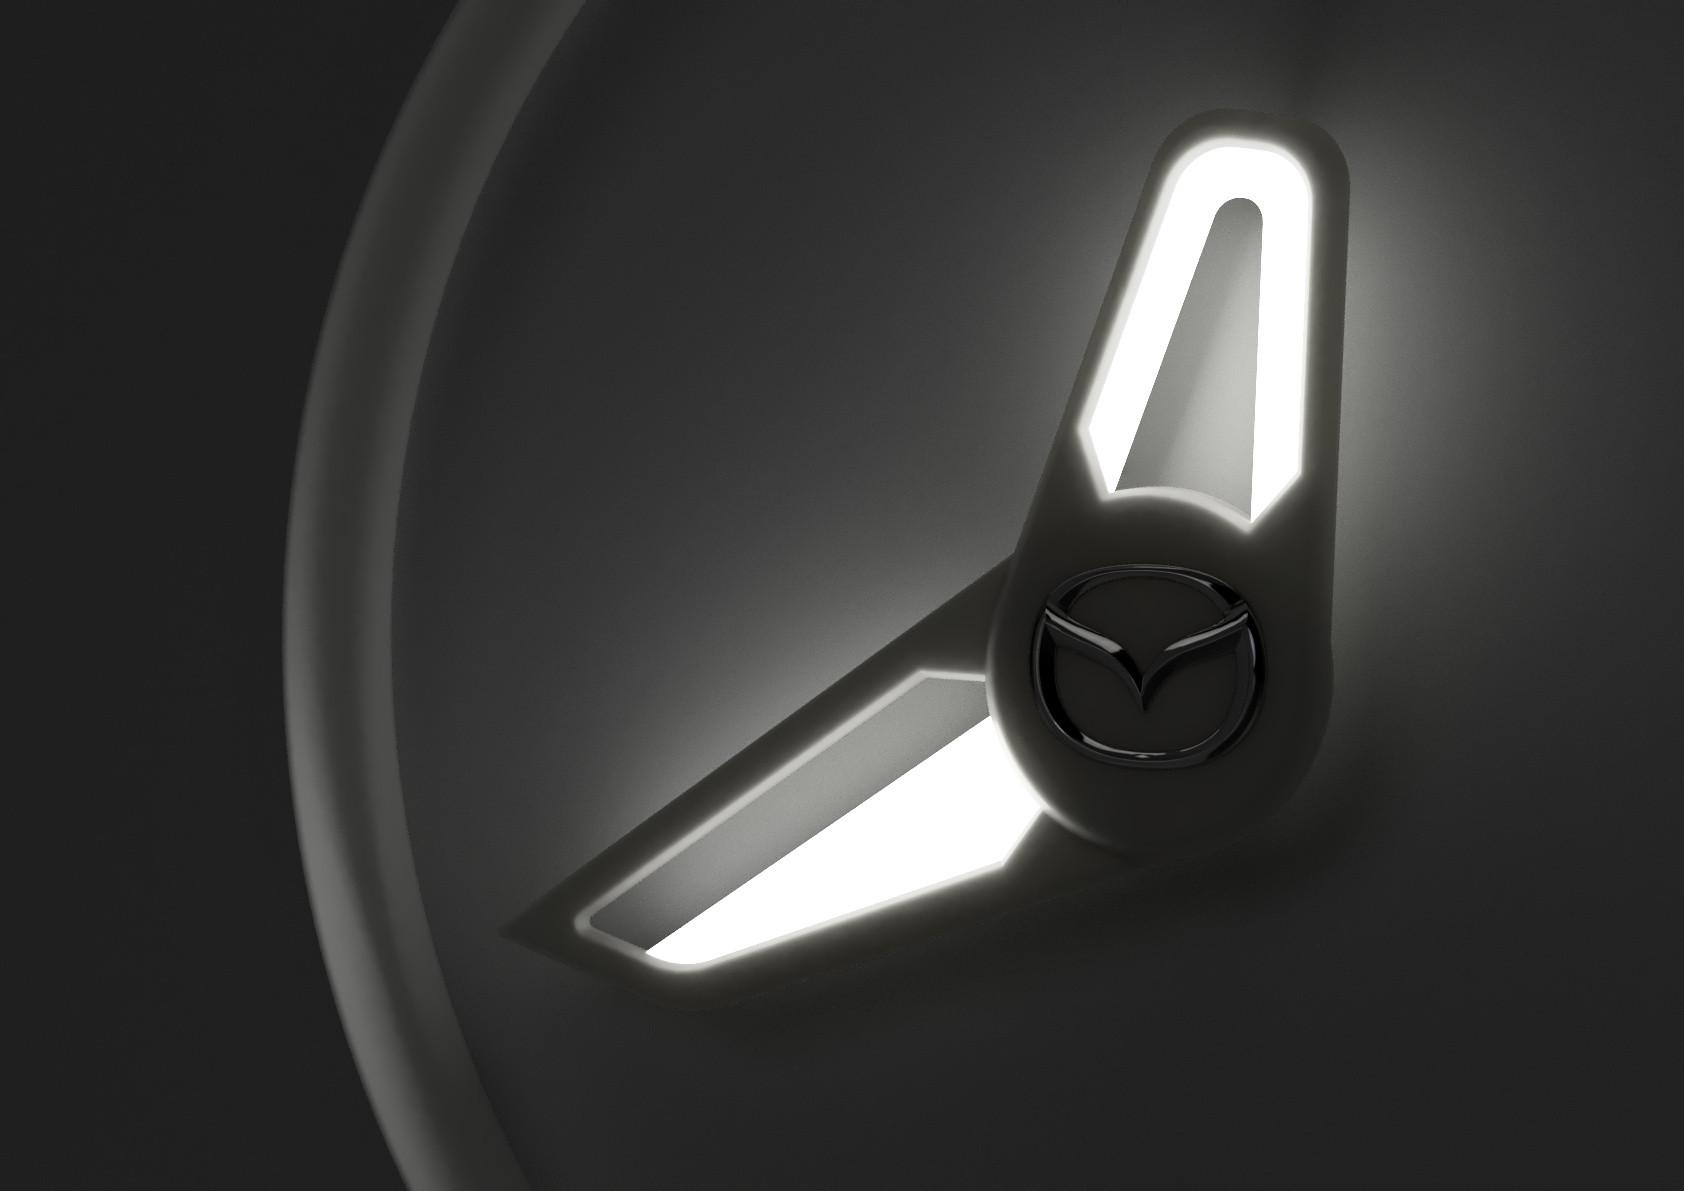 zegar mazda design